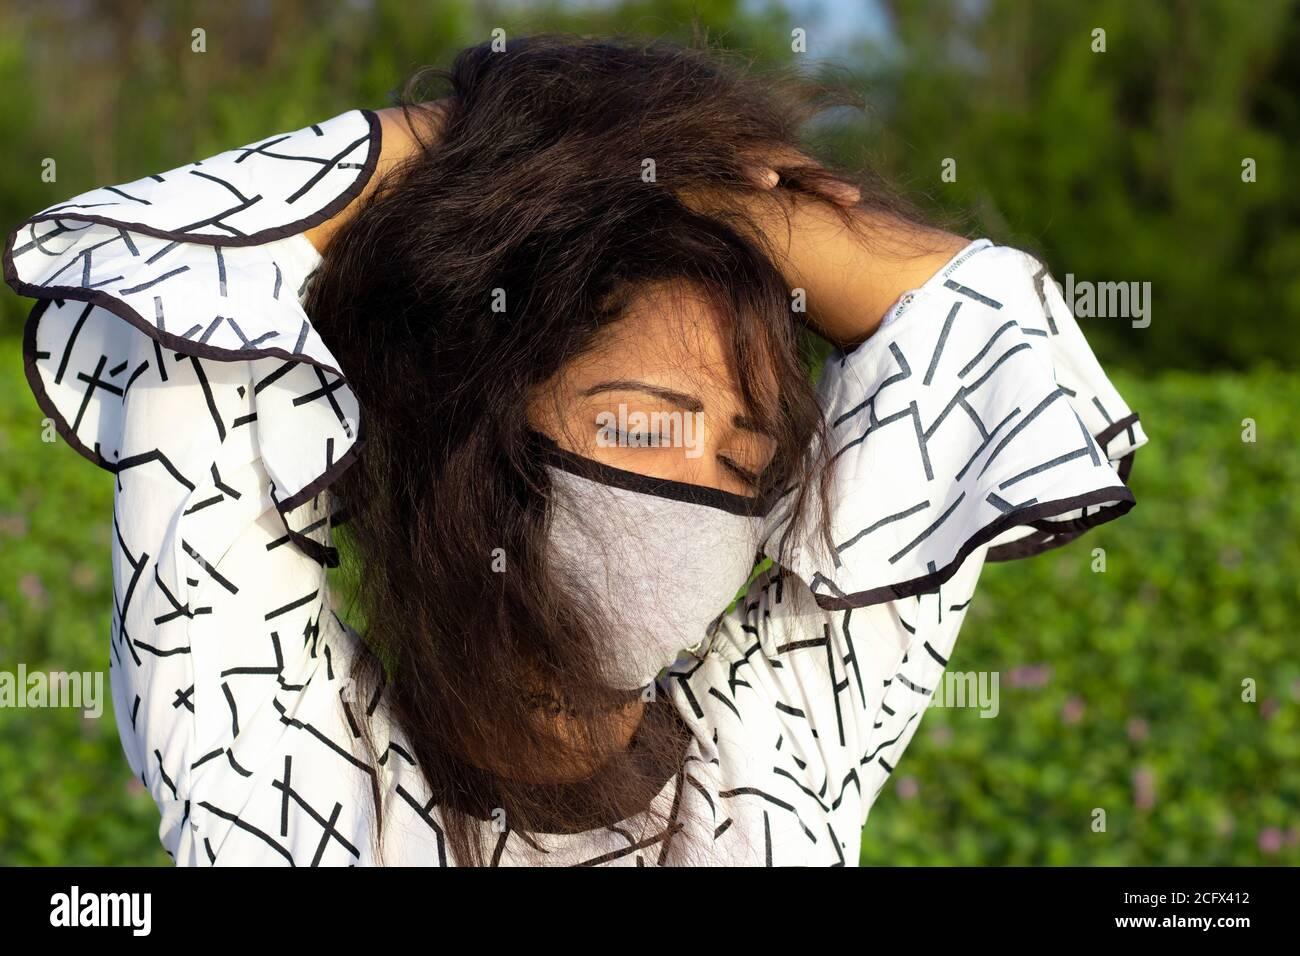 Stilvolle Frau trägt schützende Gesichtsmaske und posiert im Freien natürlichen grünen Hintergrund. Stockfoto